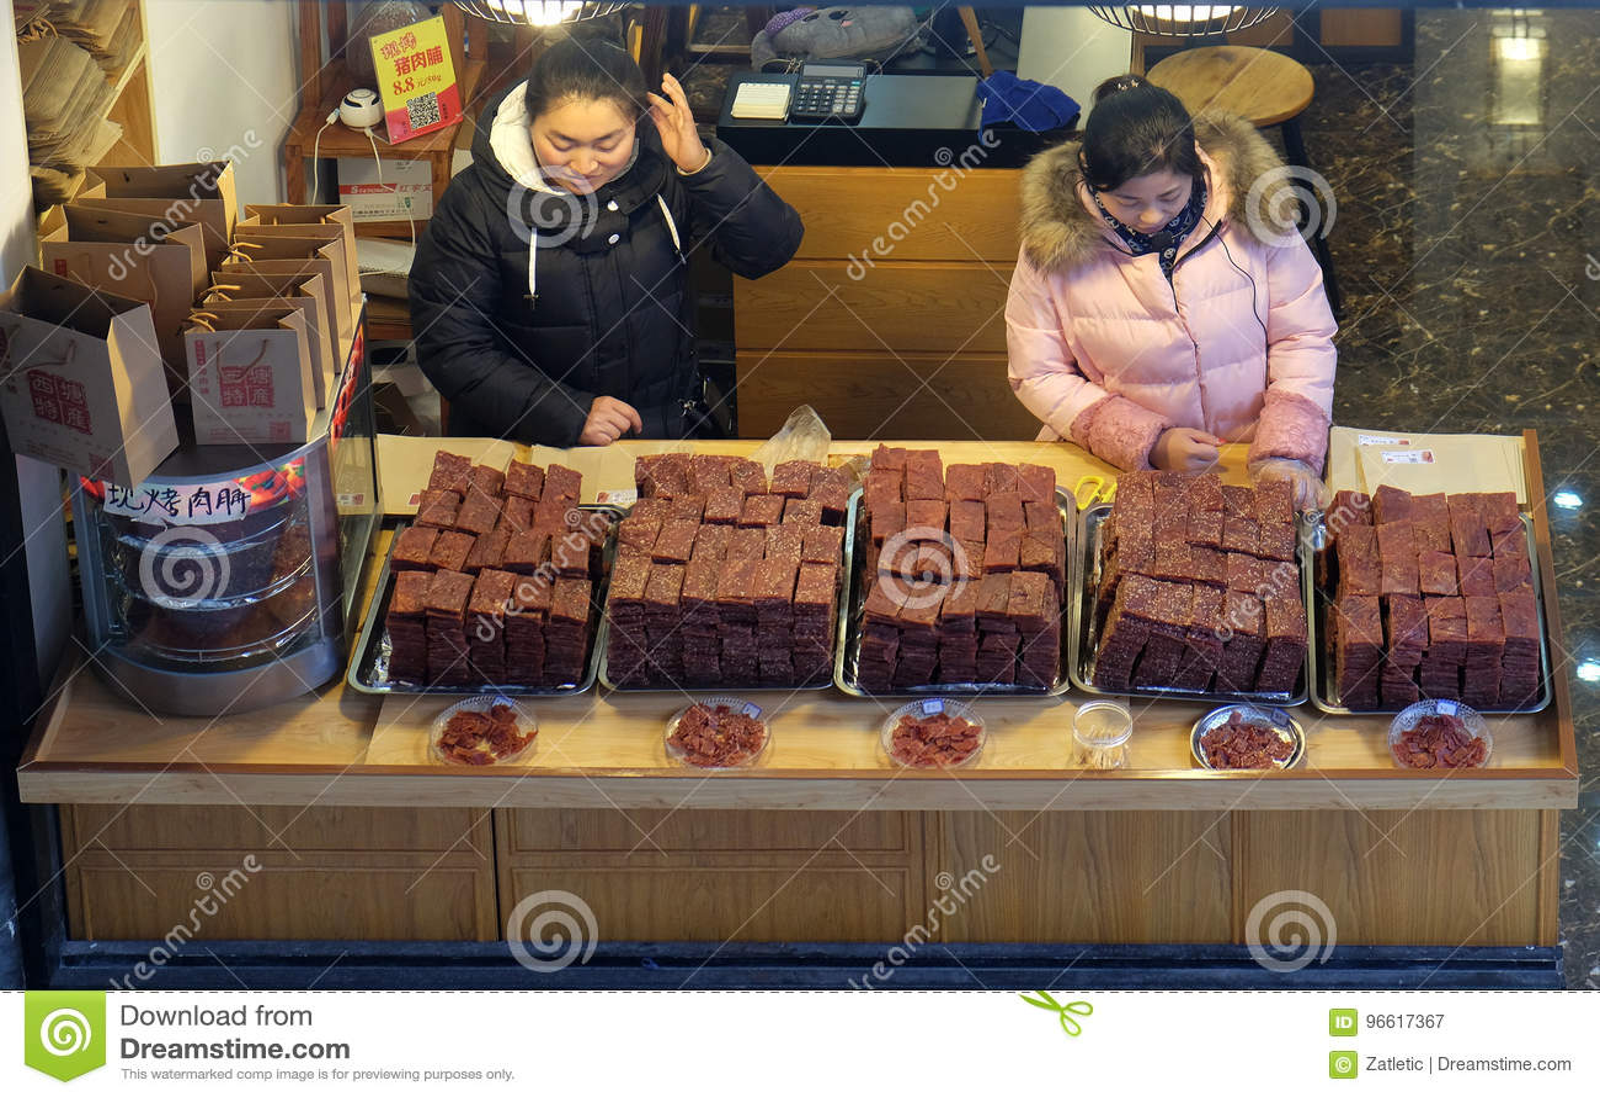 Κινεζικά εξωτικά τρόφιμα στην αγορά τροφίμων οδών στο χωριό Xitang νερού, που βρίσκεται στην επαρχία Zhejiang